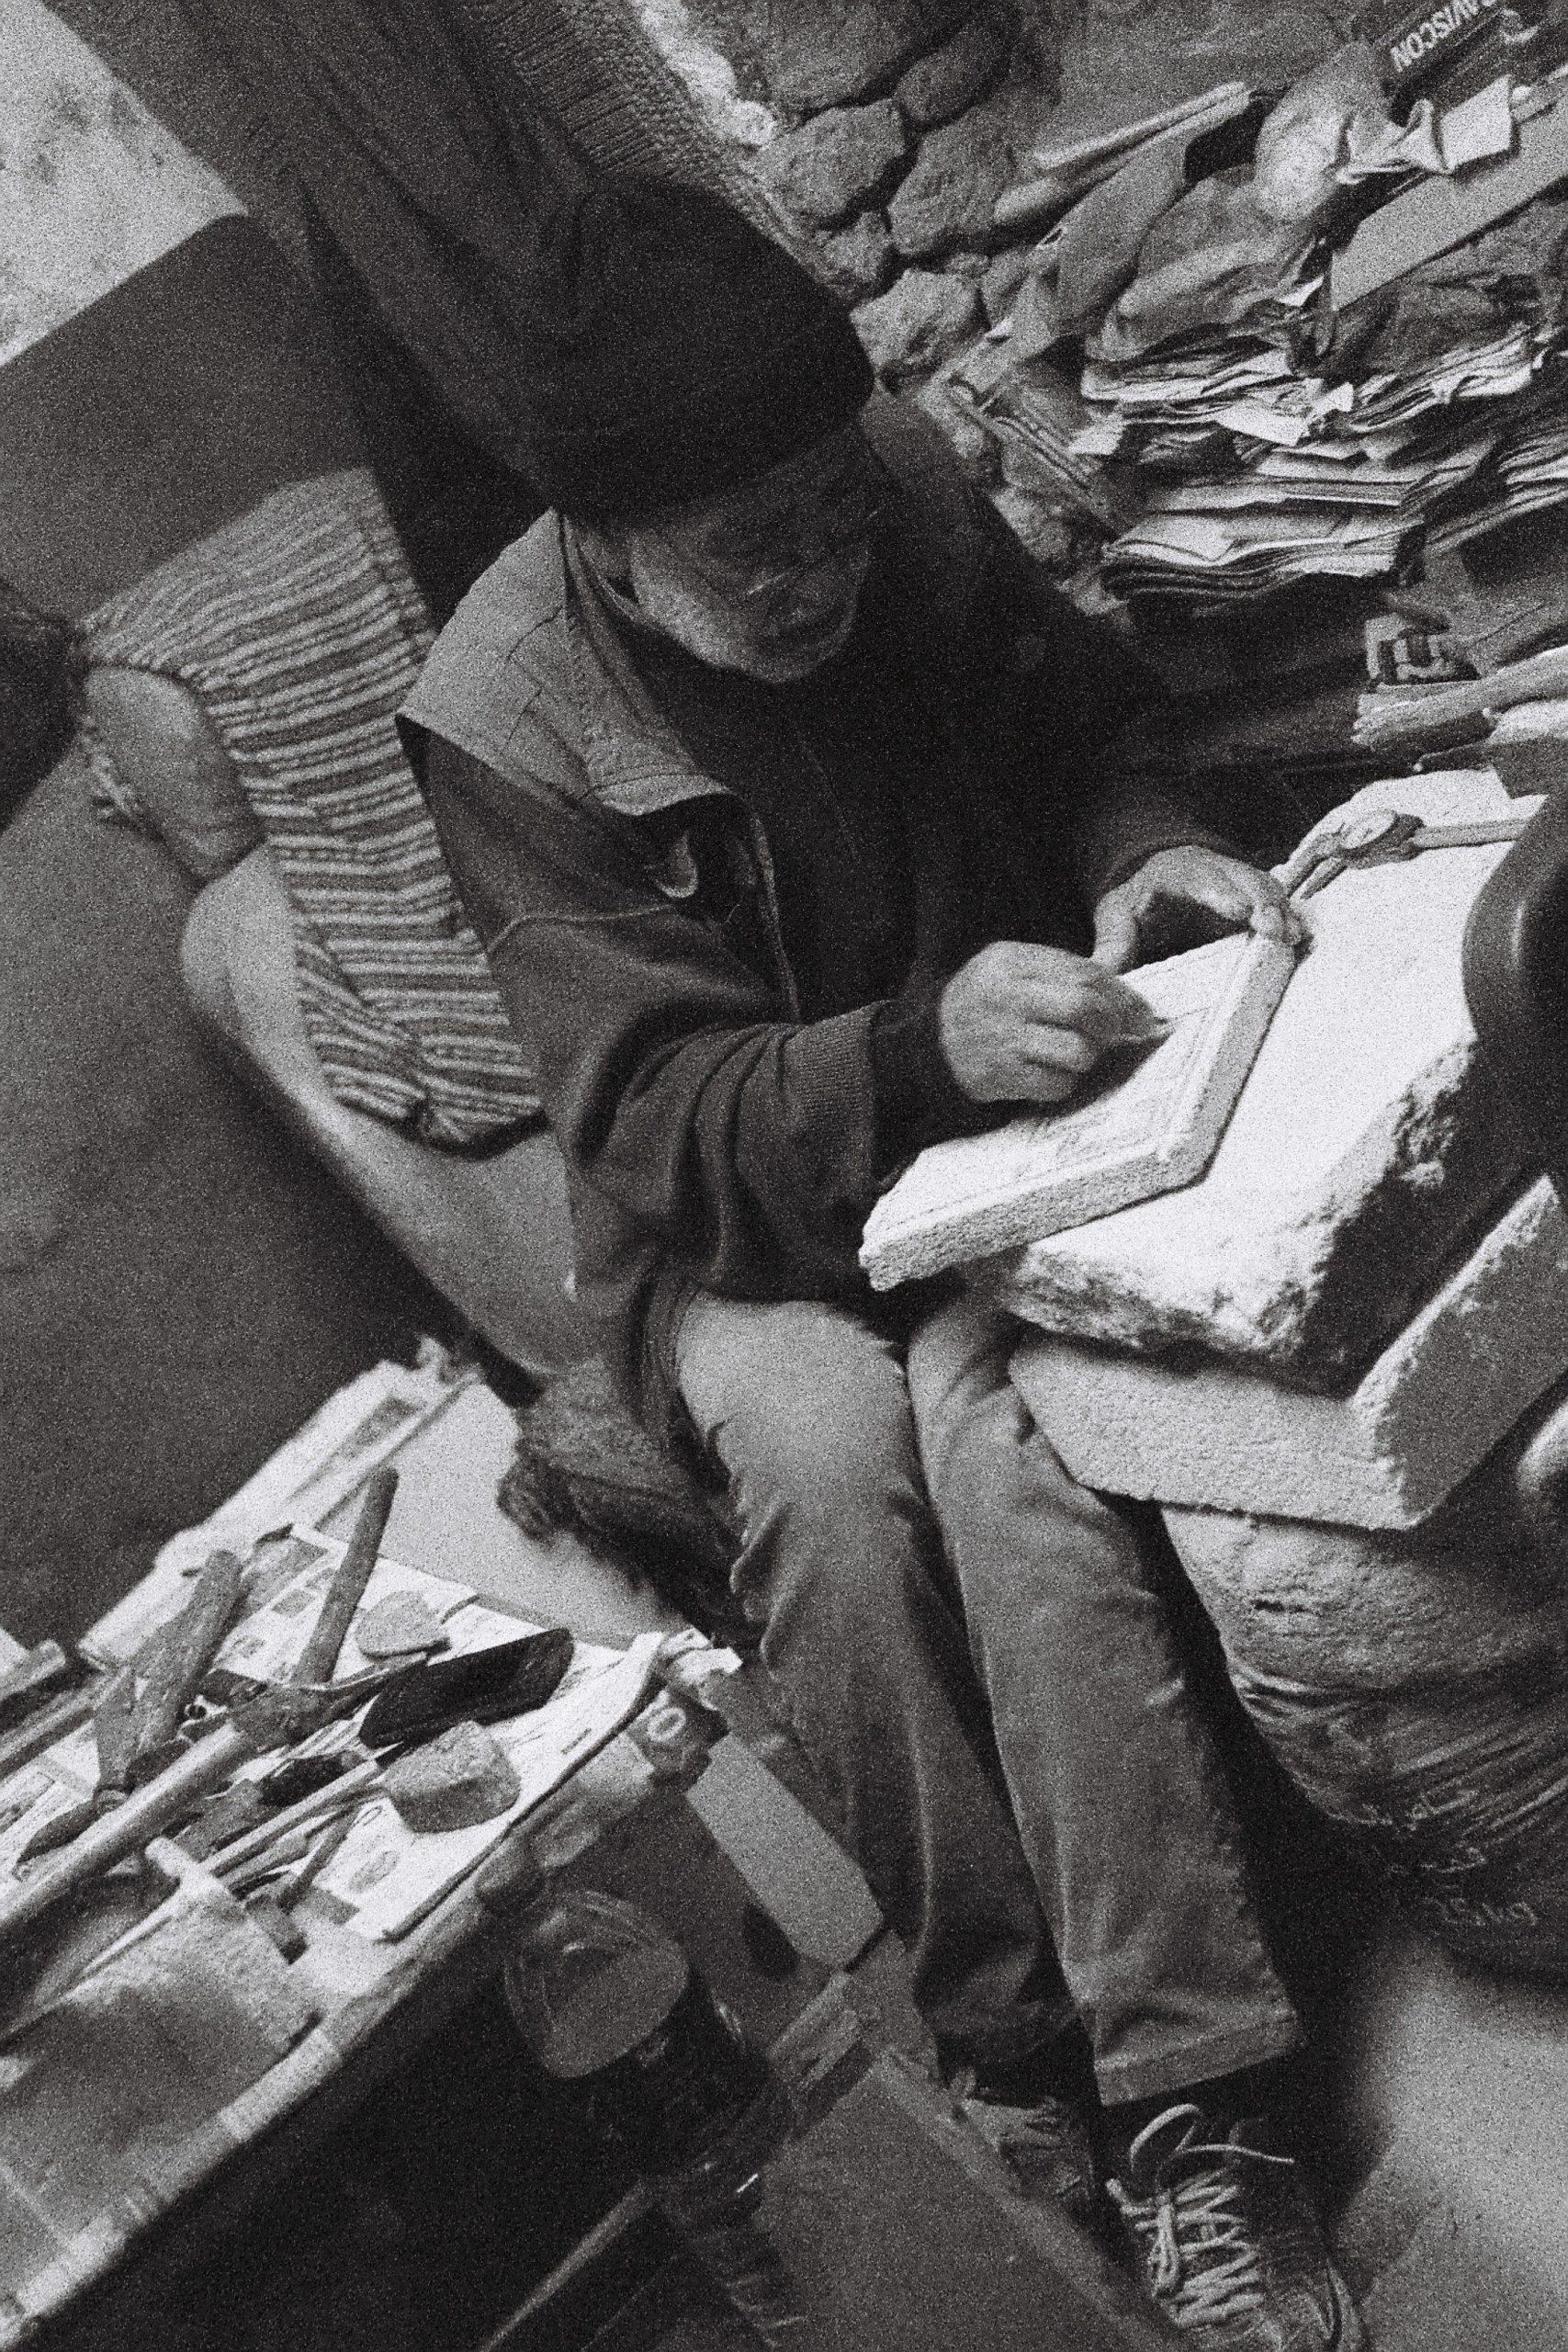 Malem Hamid, le tailleur de pierre de la médina, à l'oeuvre